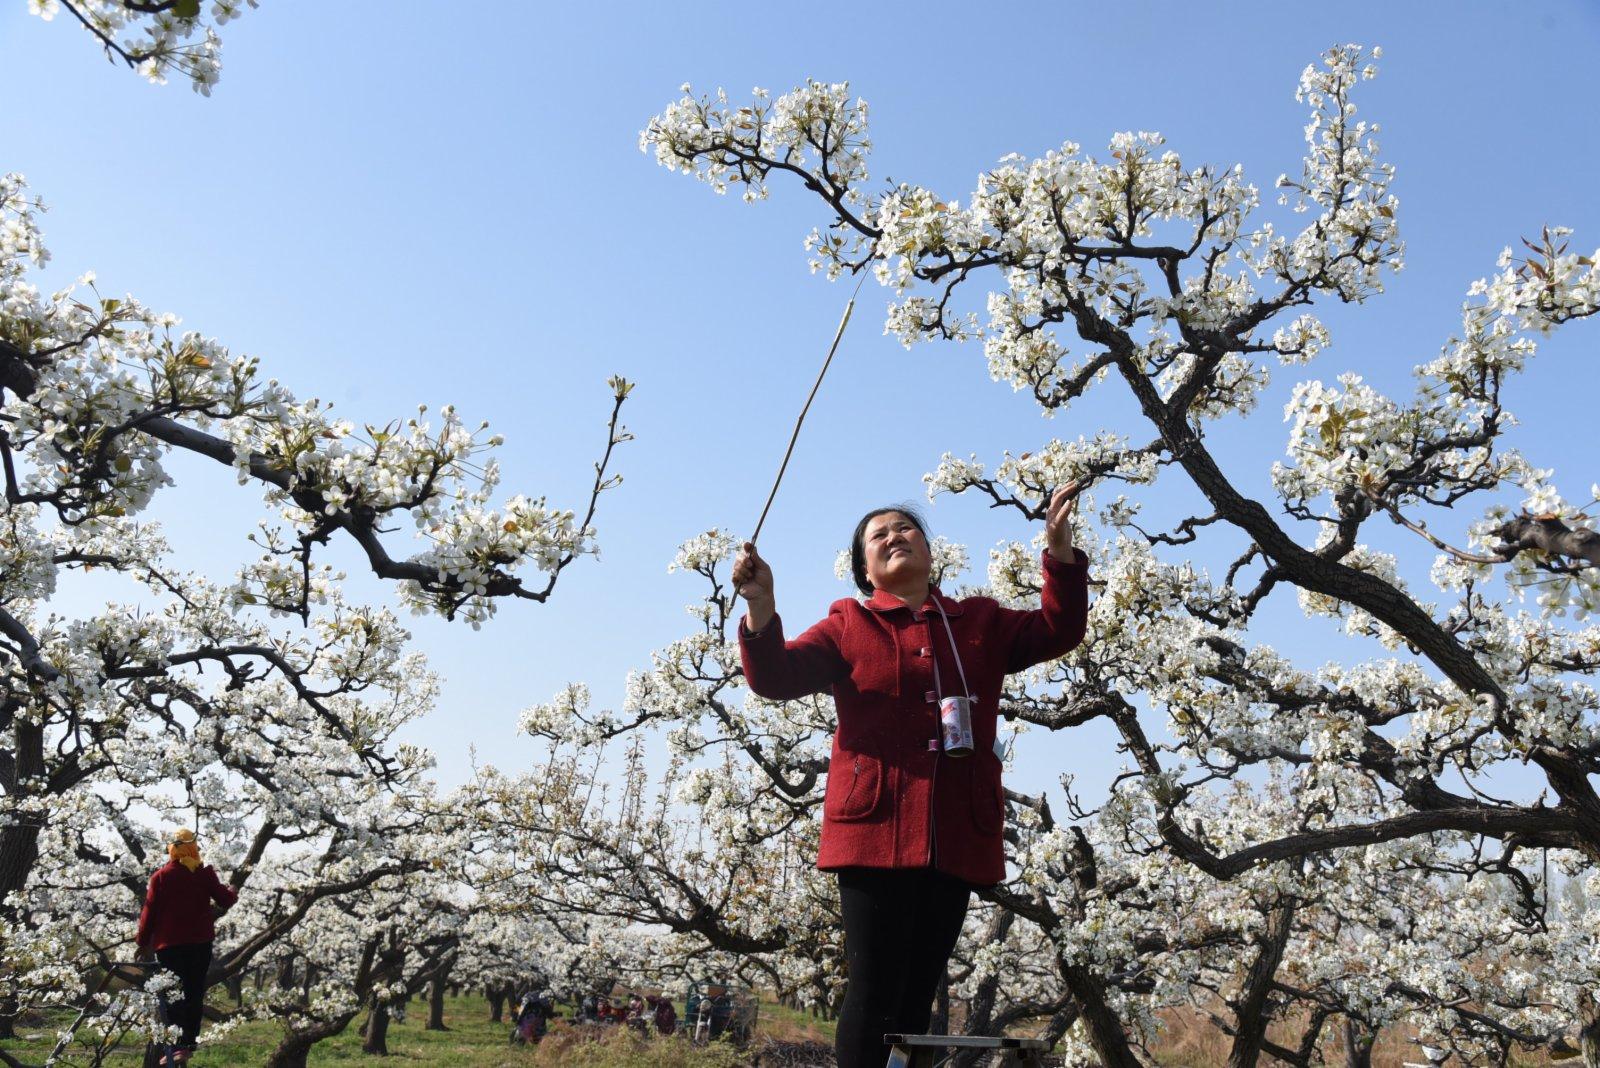 4月4日,河間市龍華店鄉興隆店村果農在梨園為梨花授粉。(新華社)